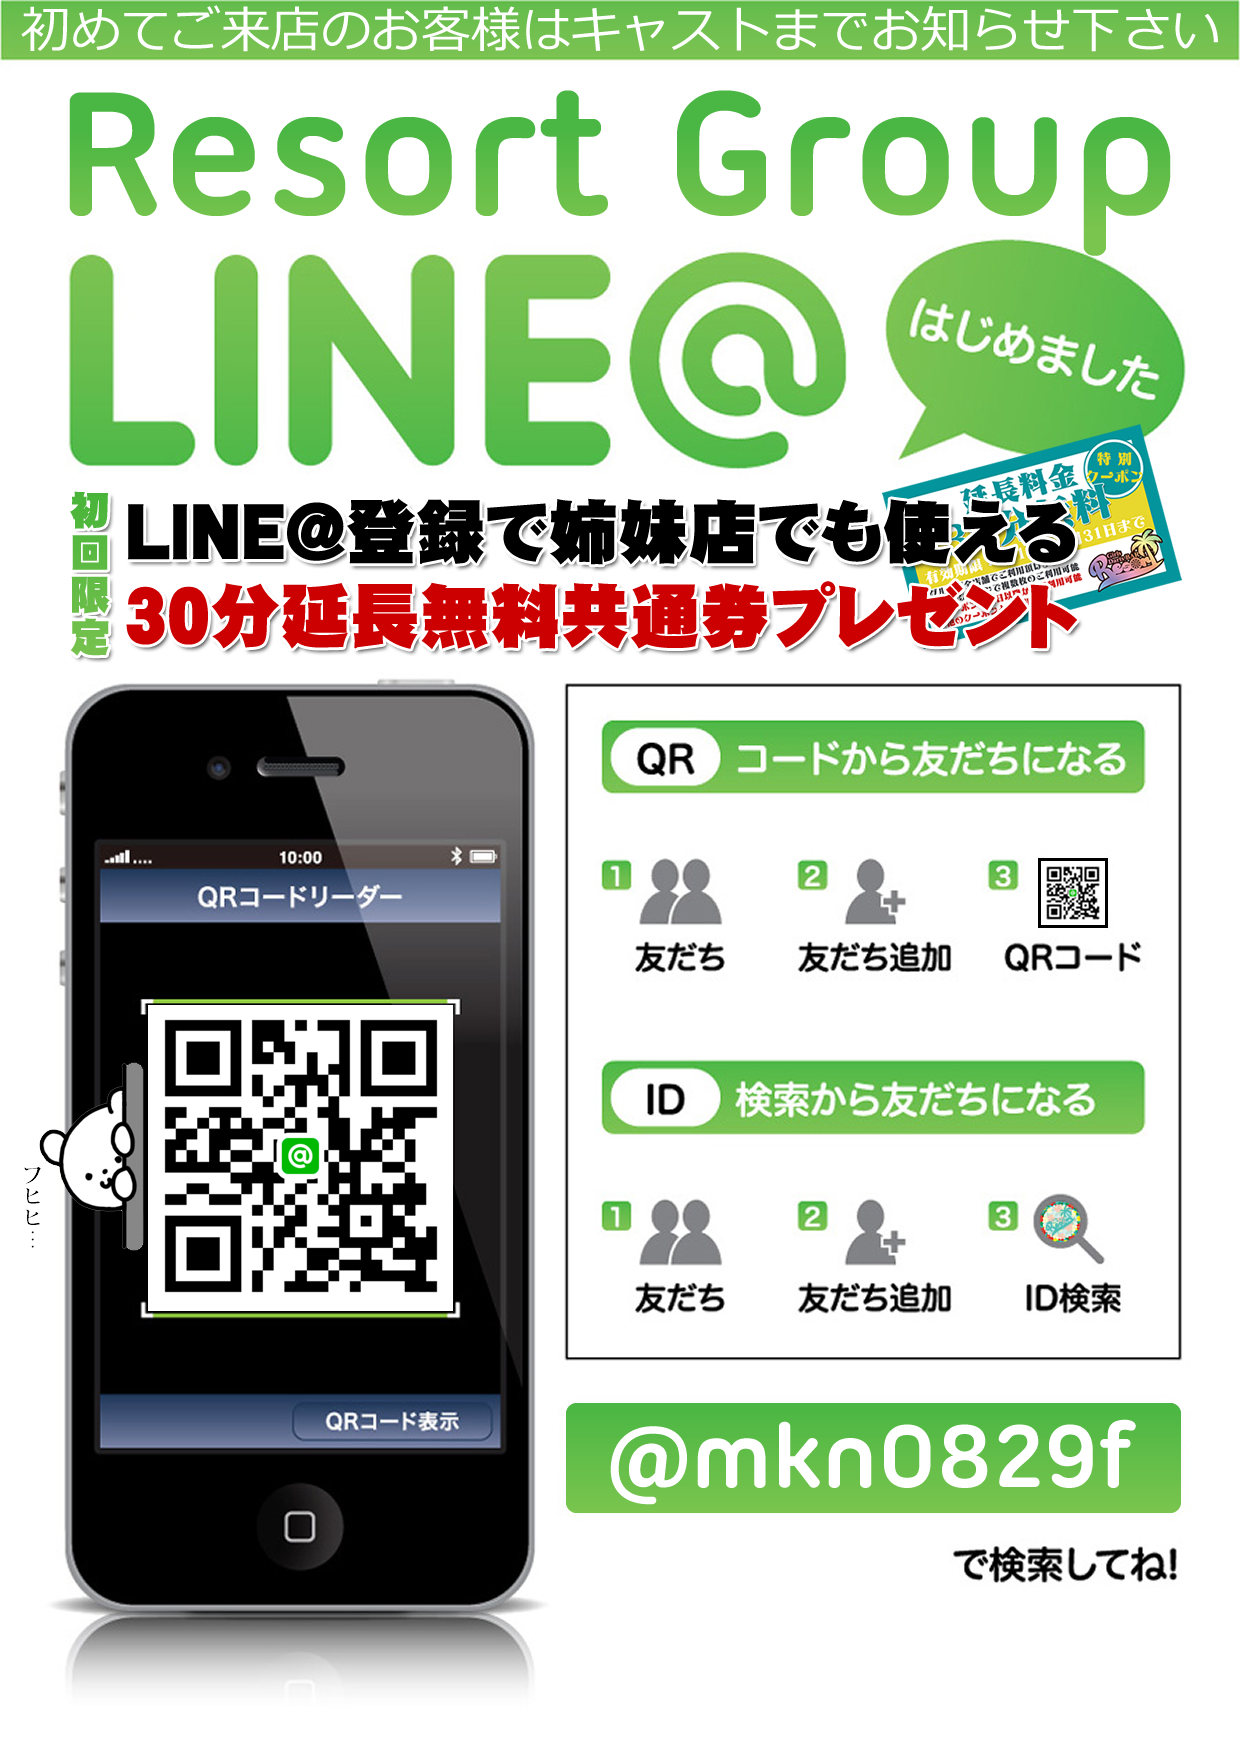 リゾートグループLINE@ - リゾートグループ公式LINE@始めました